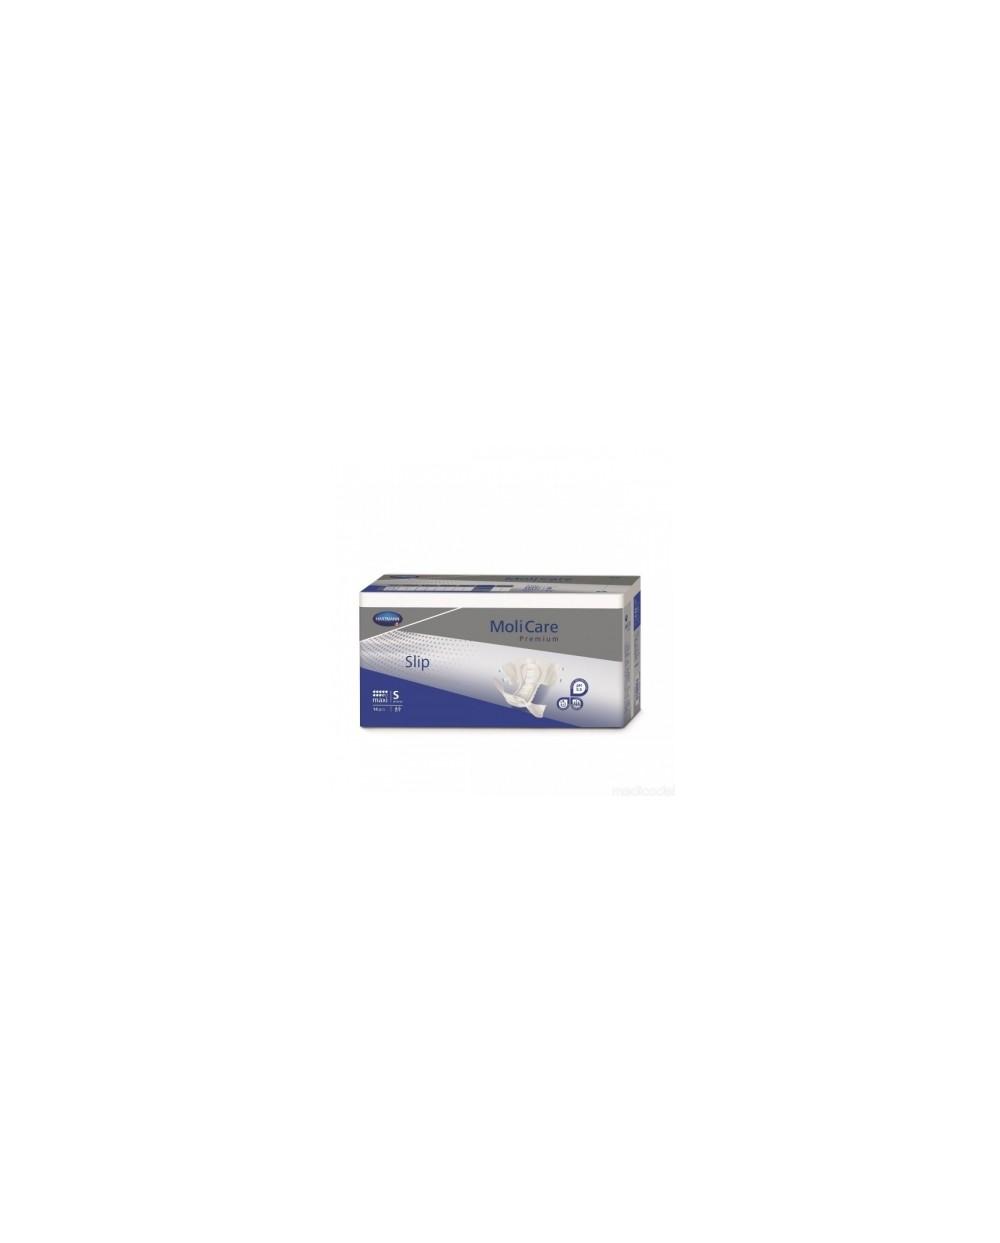 MoliCare Premium Slip Maxi Small - 14 protections